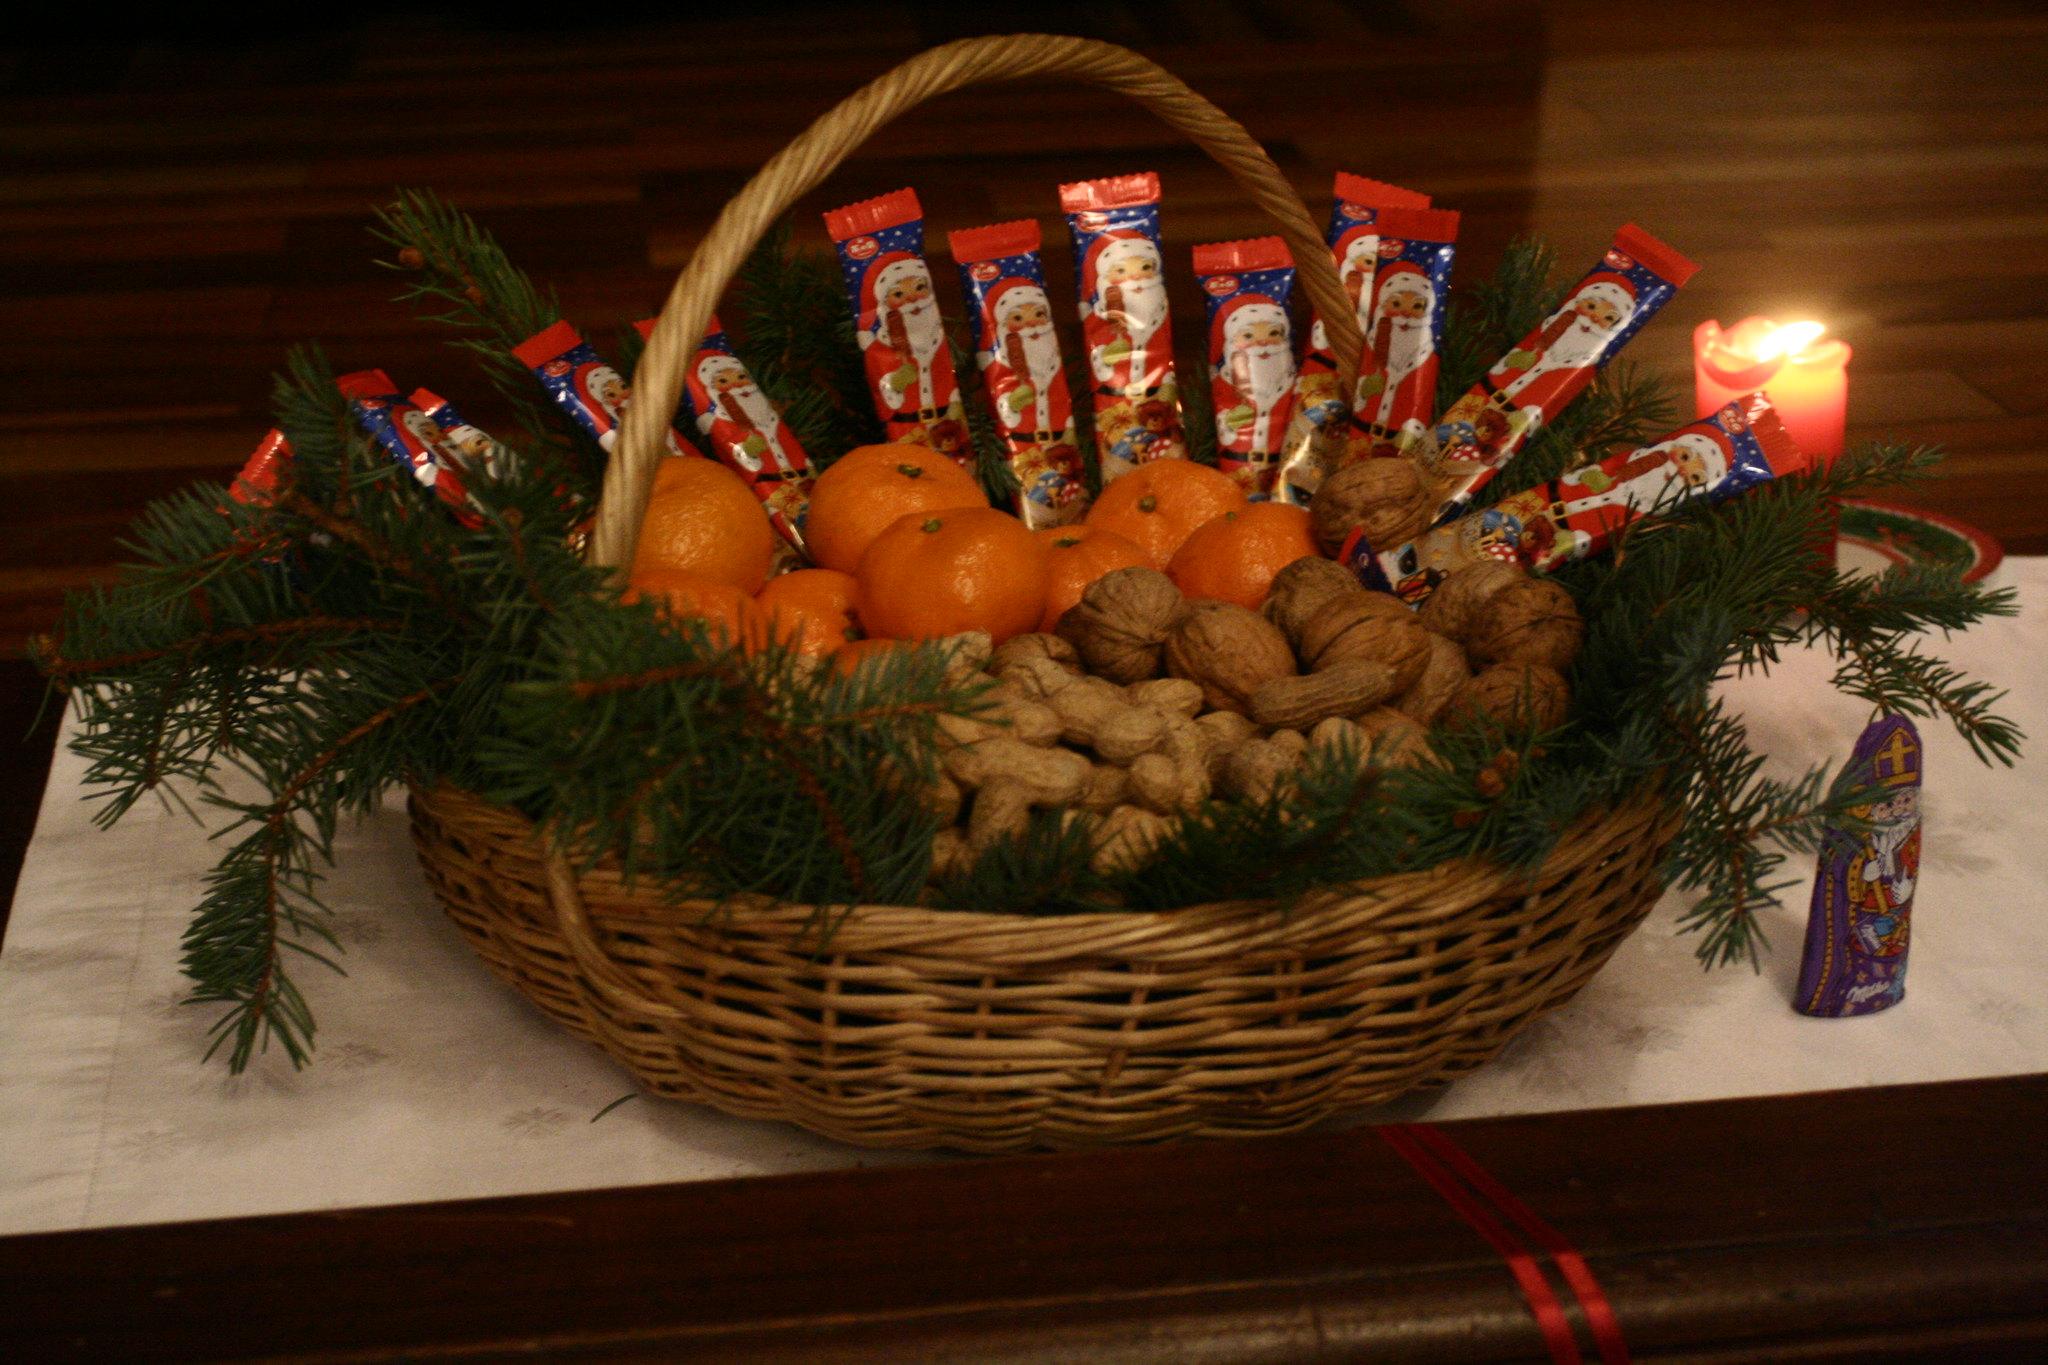 Sankt Nikolaus goodies